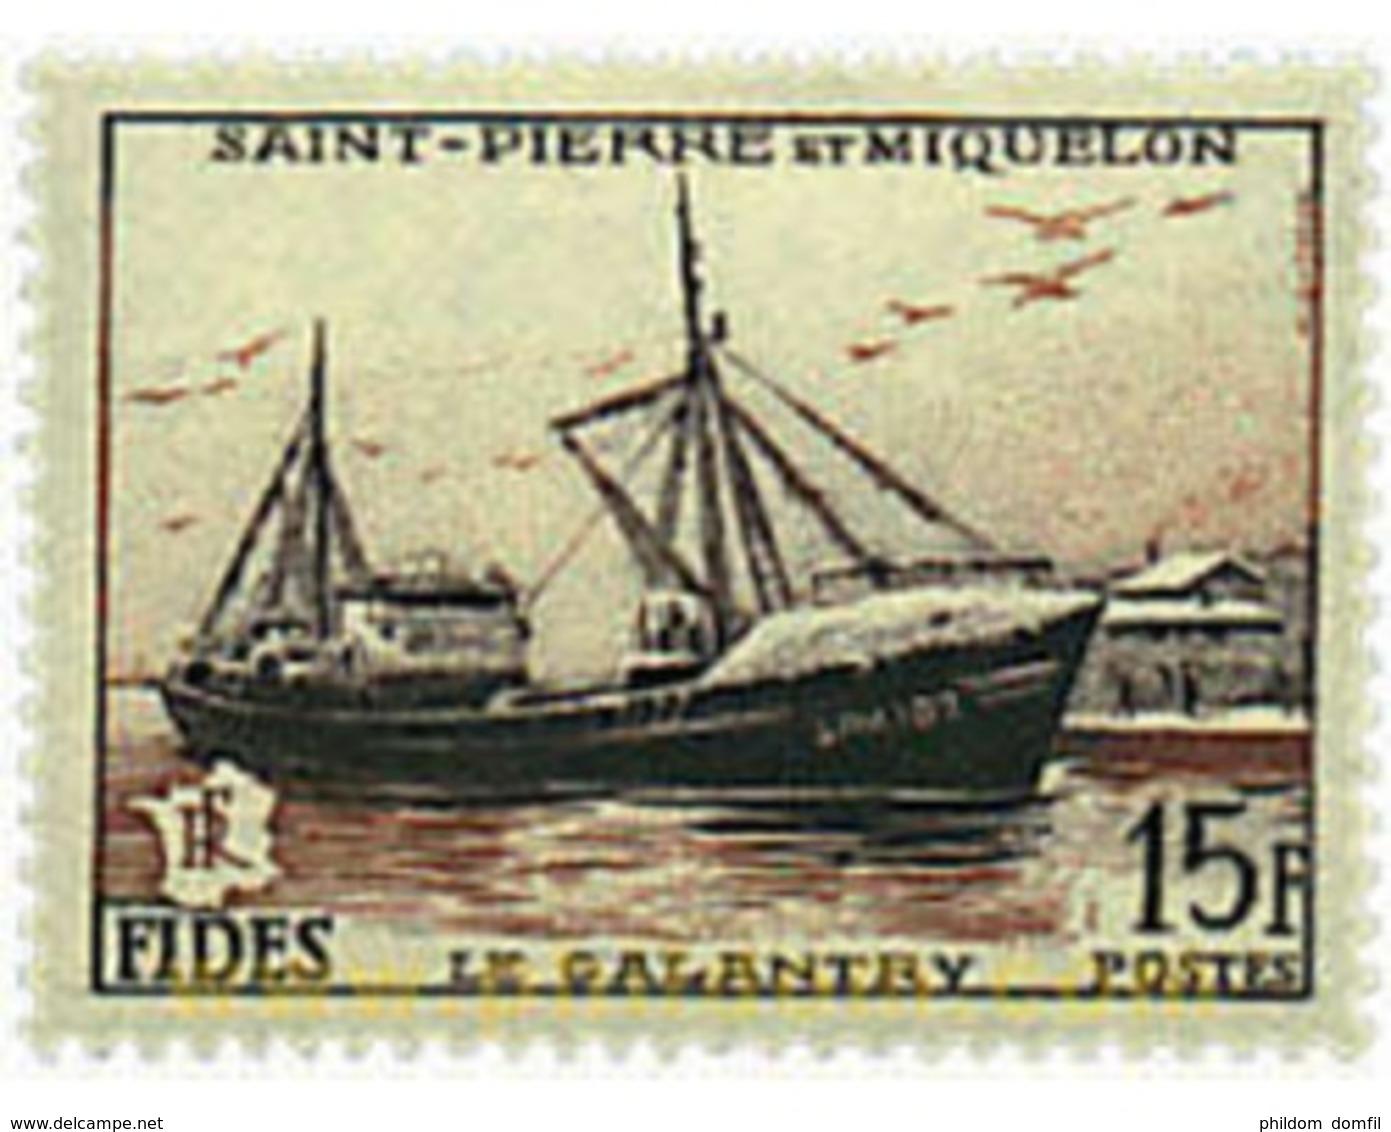 Ref. 33161 * MNH * - ST. PIERRE AND MIQUELON. 1956. FIDES . FIDES - Ungebraucht